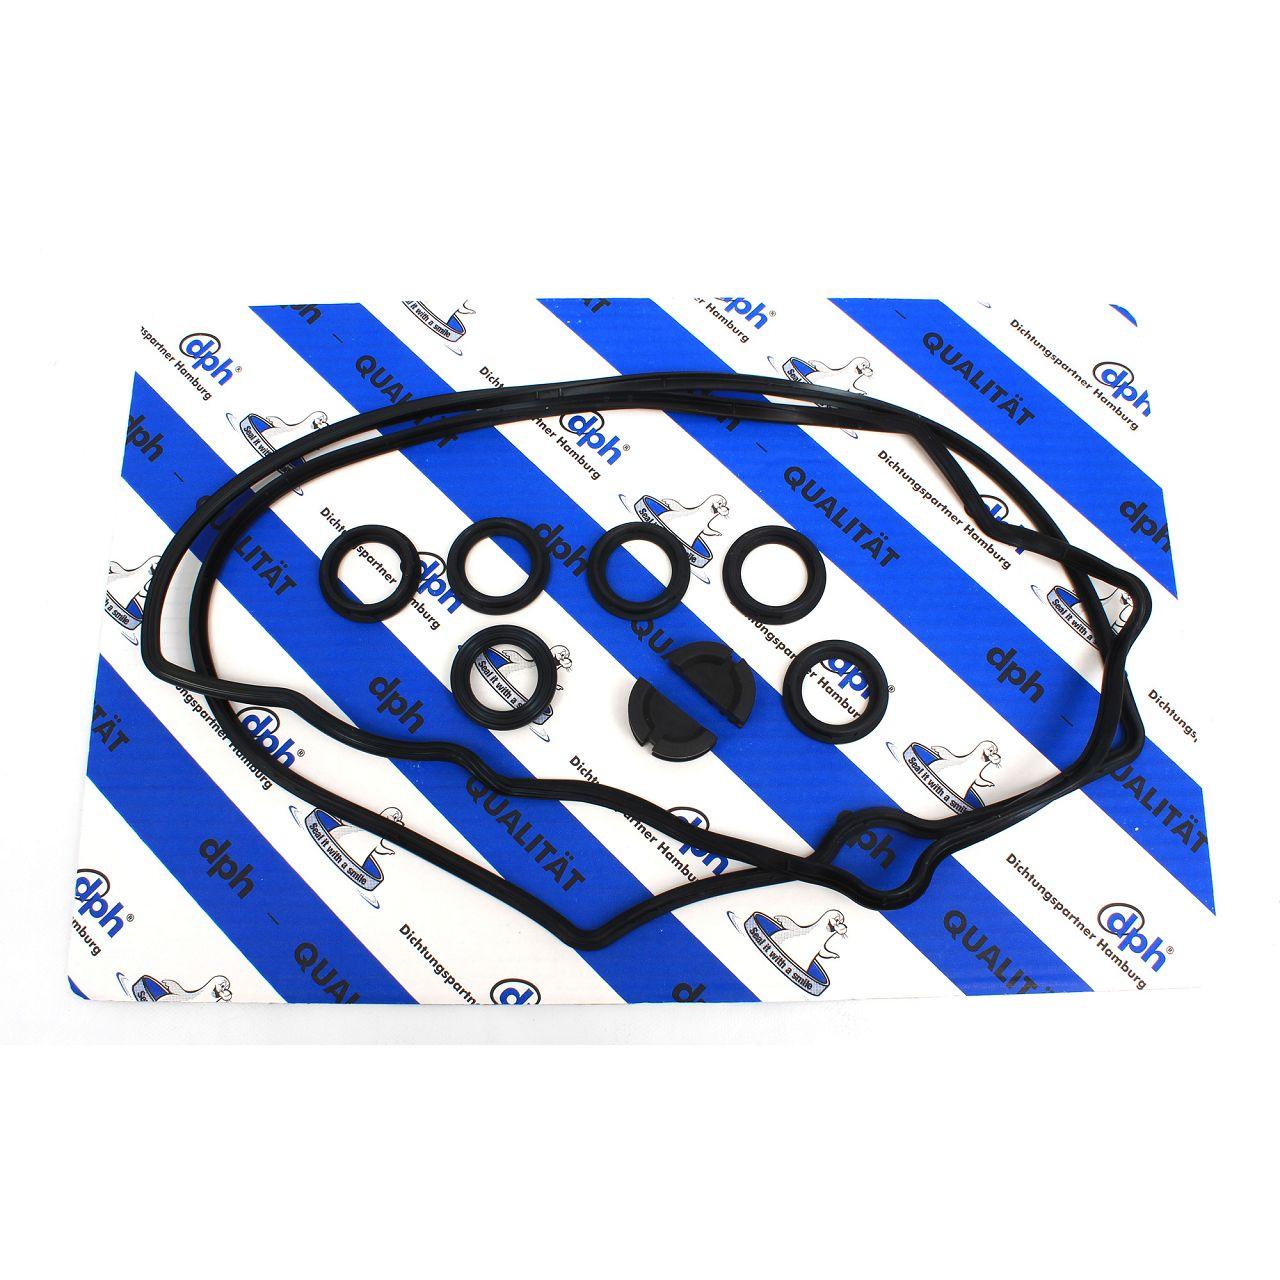 Ventildeckeldichtungs-Satz Zylinderkopfhaube für MERCEDES W202 W124 W210 W463